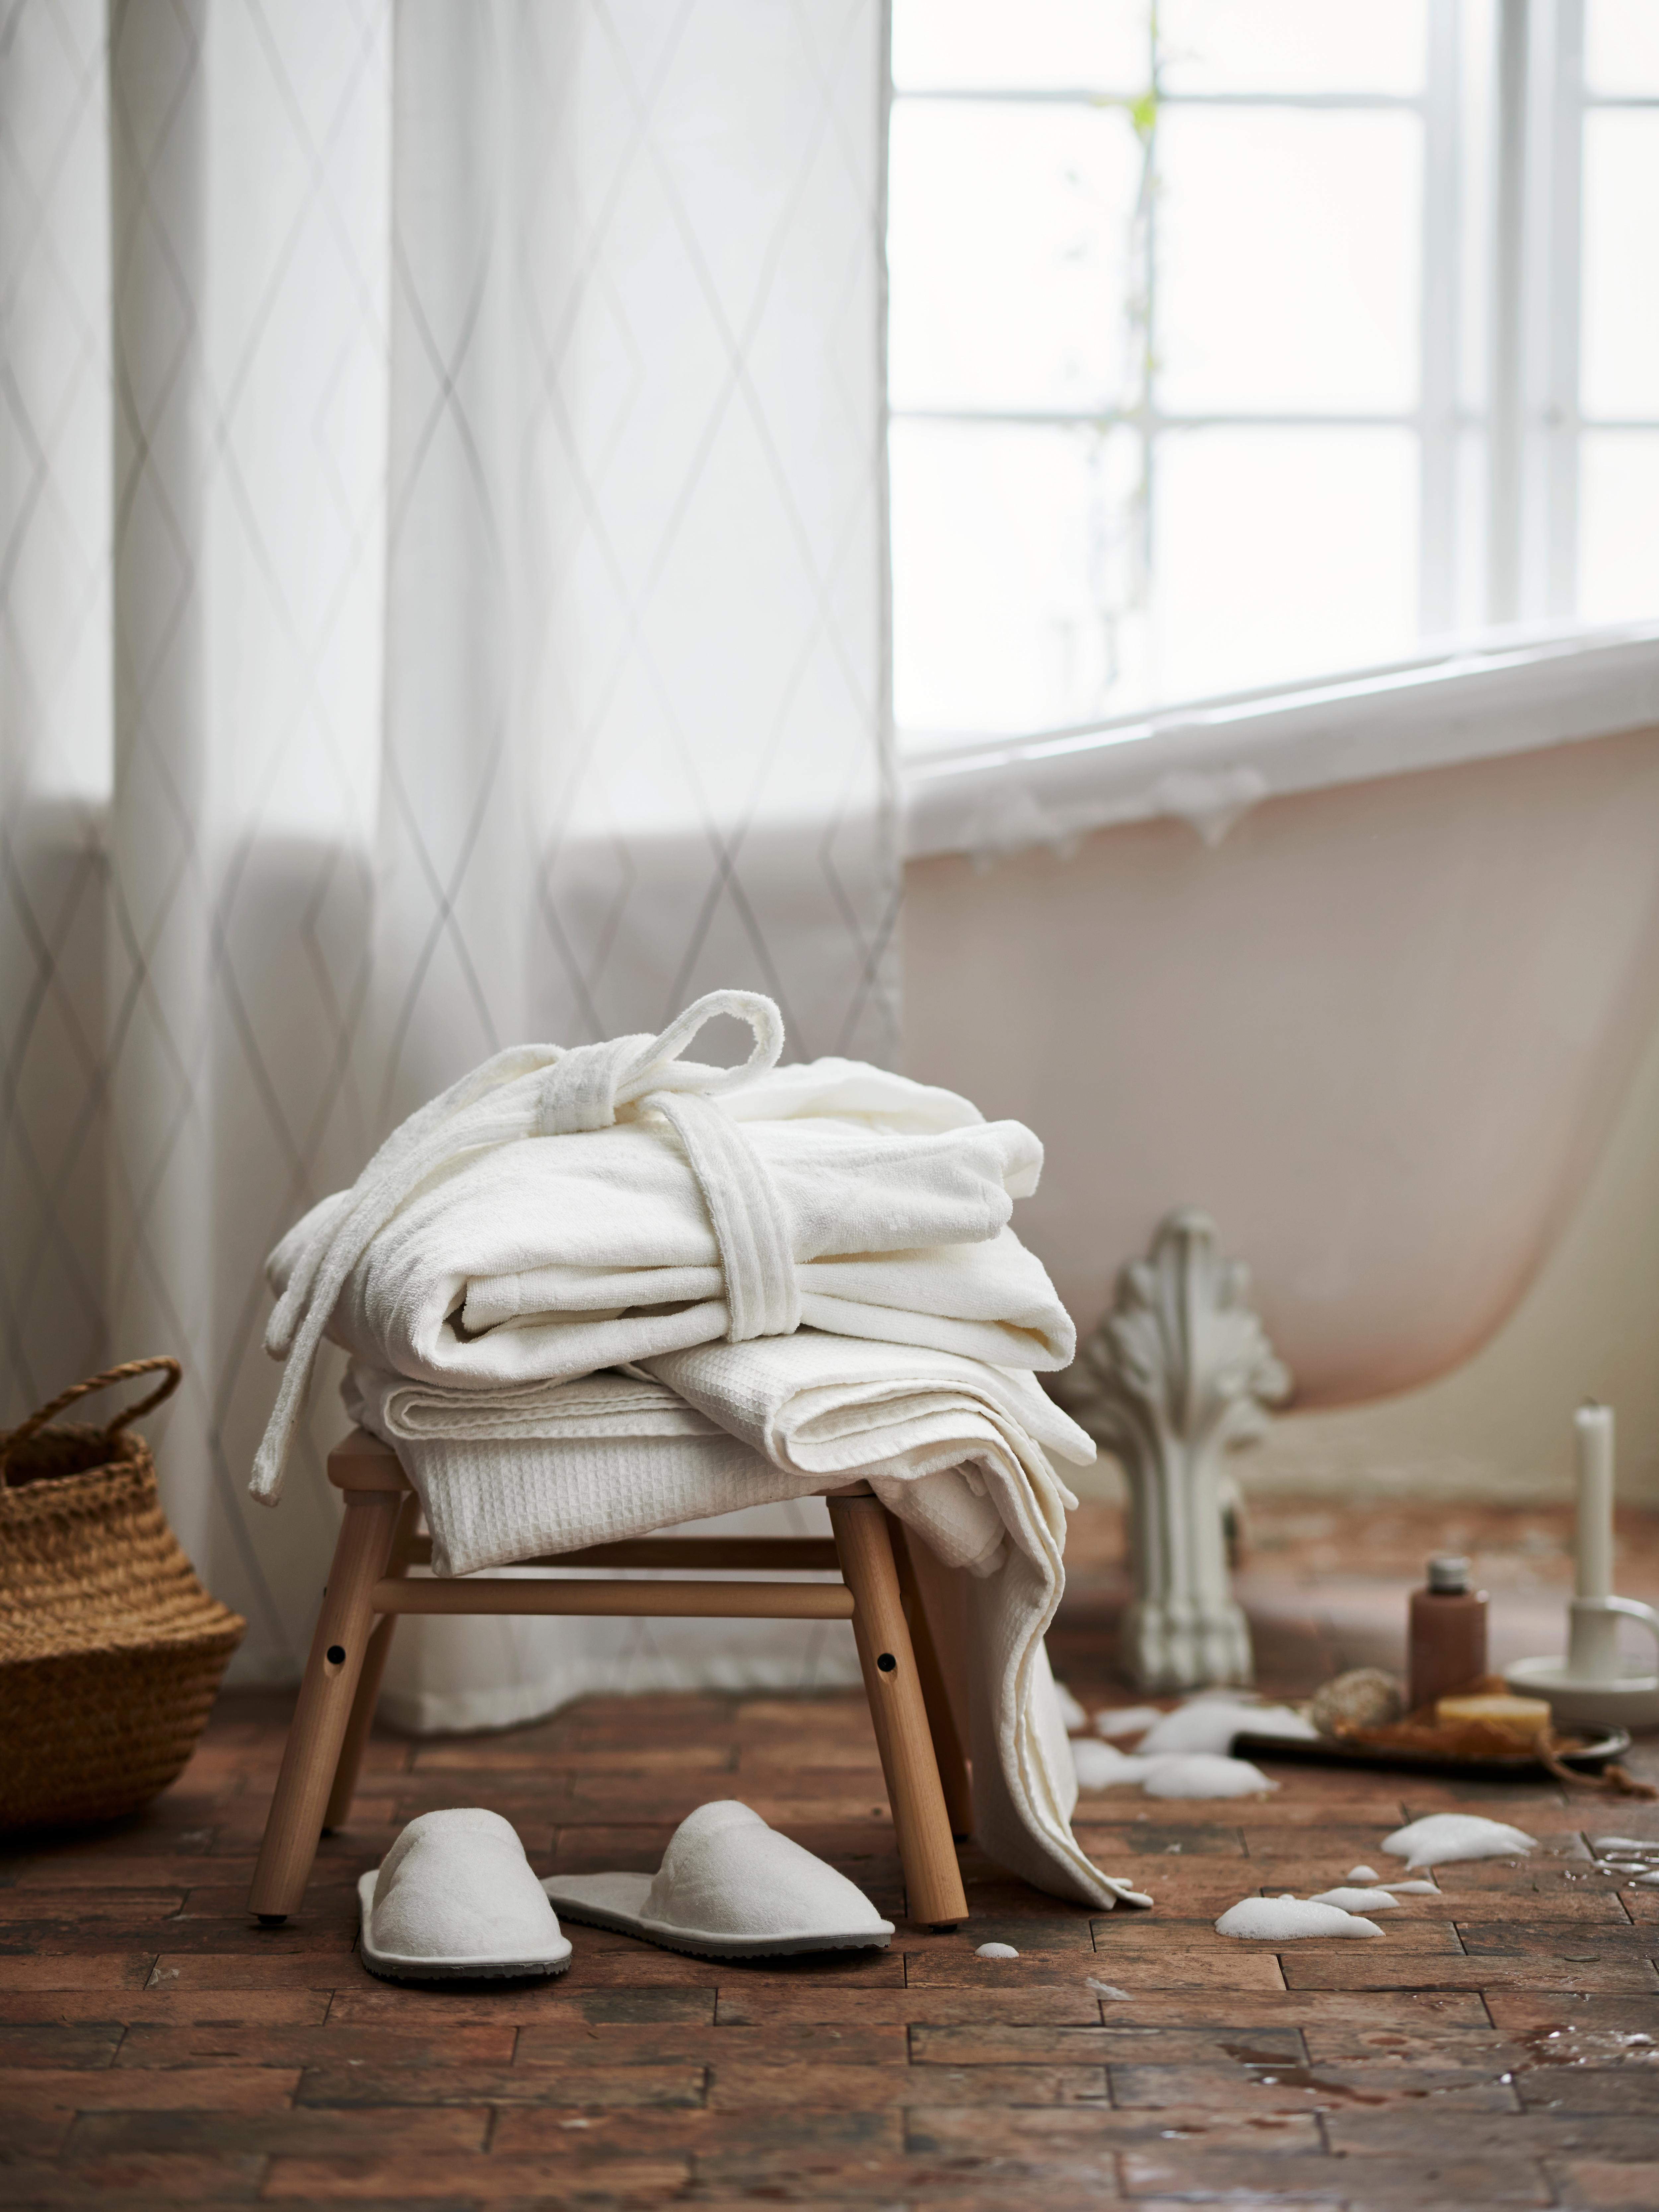 Valkoinen kylpytakki ja pyyhe puisella jakkaralla lattialla olevien valkoisten tohveleiden ja kylpyvaahtoroiskeiden vieressä. Taustalla näkyy osittain suihkuverhon suojassa oleva kylpyamme.